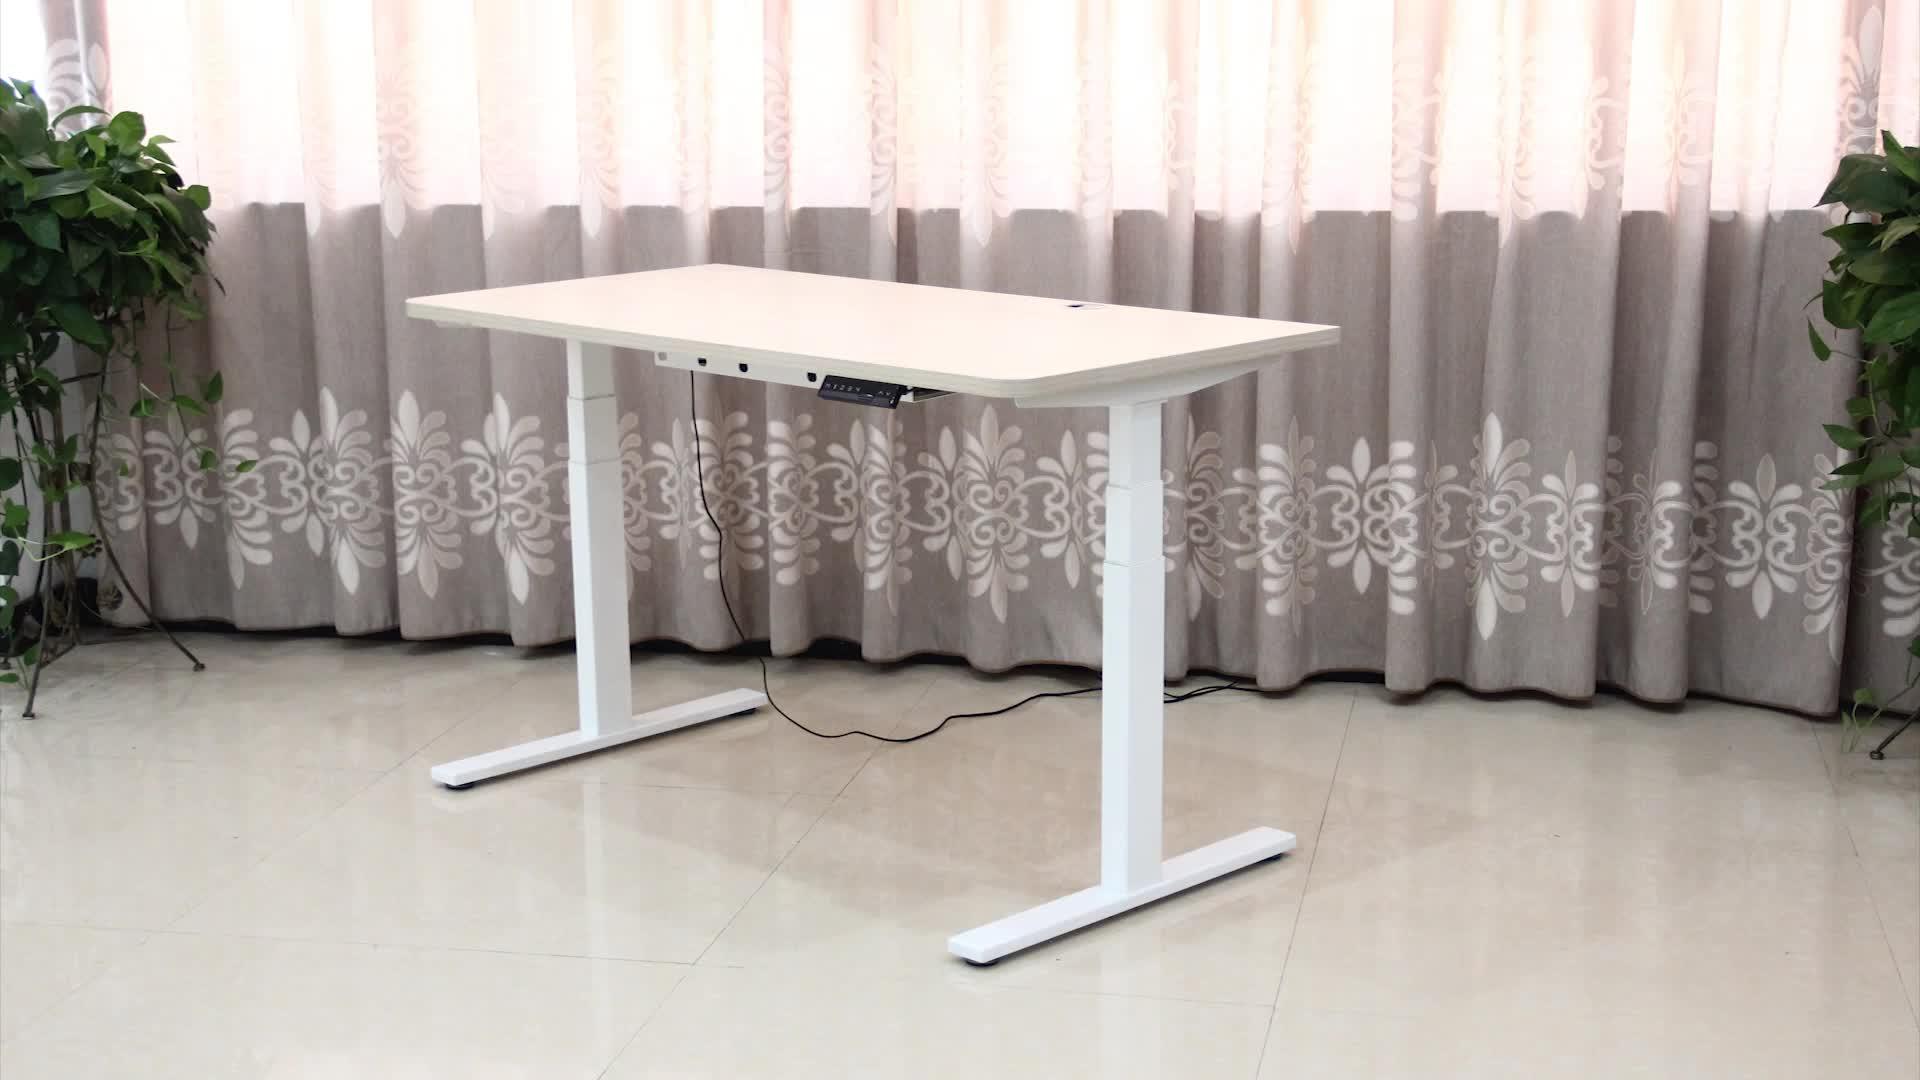 Интеллектуальный дизайн офисная мебель эргономичная моторизованный стоячий стол с регулируемой высотой для стоячего офисного стола